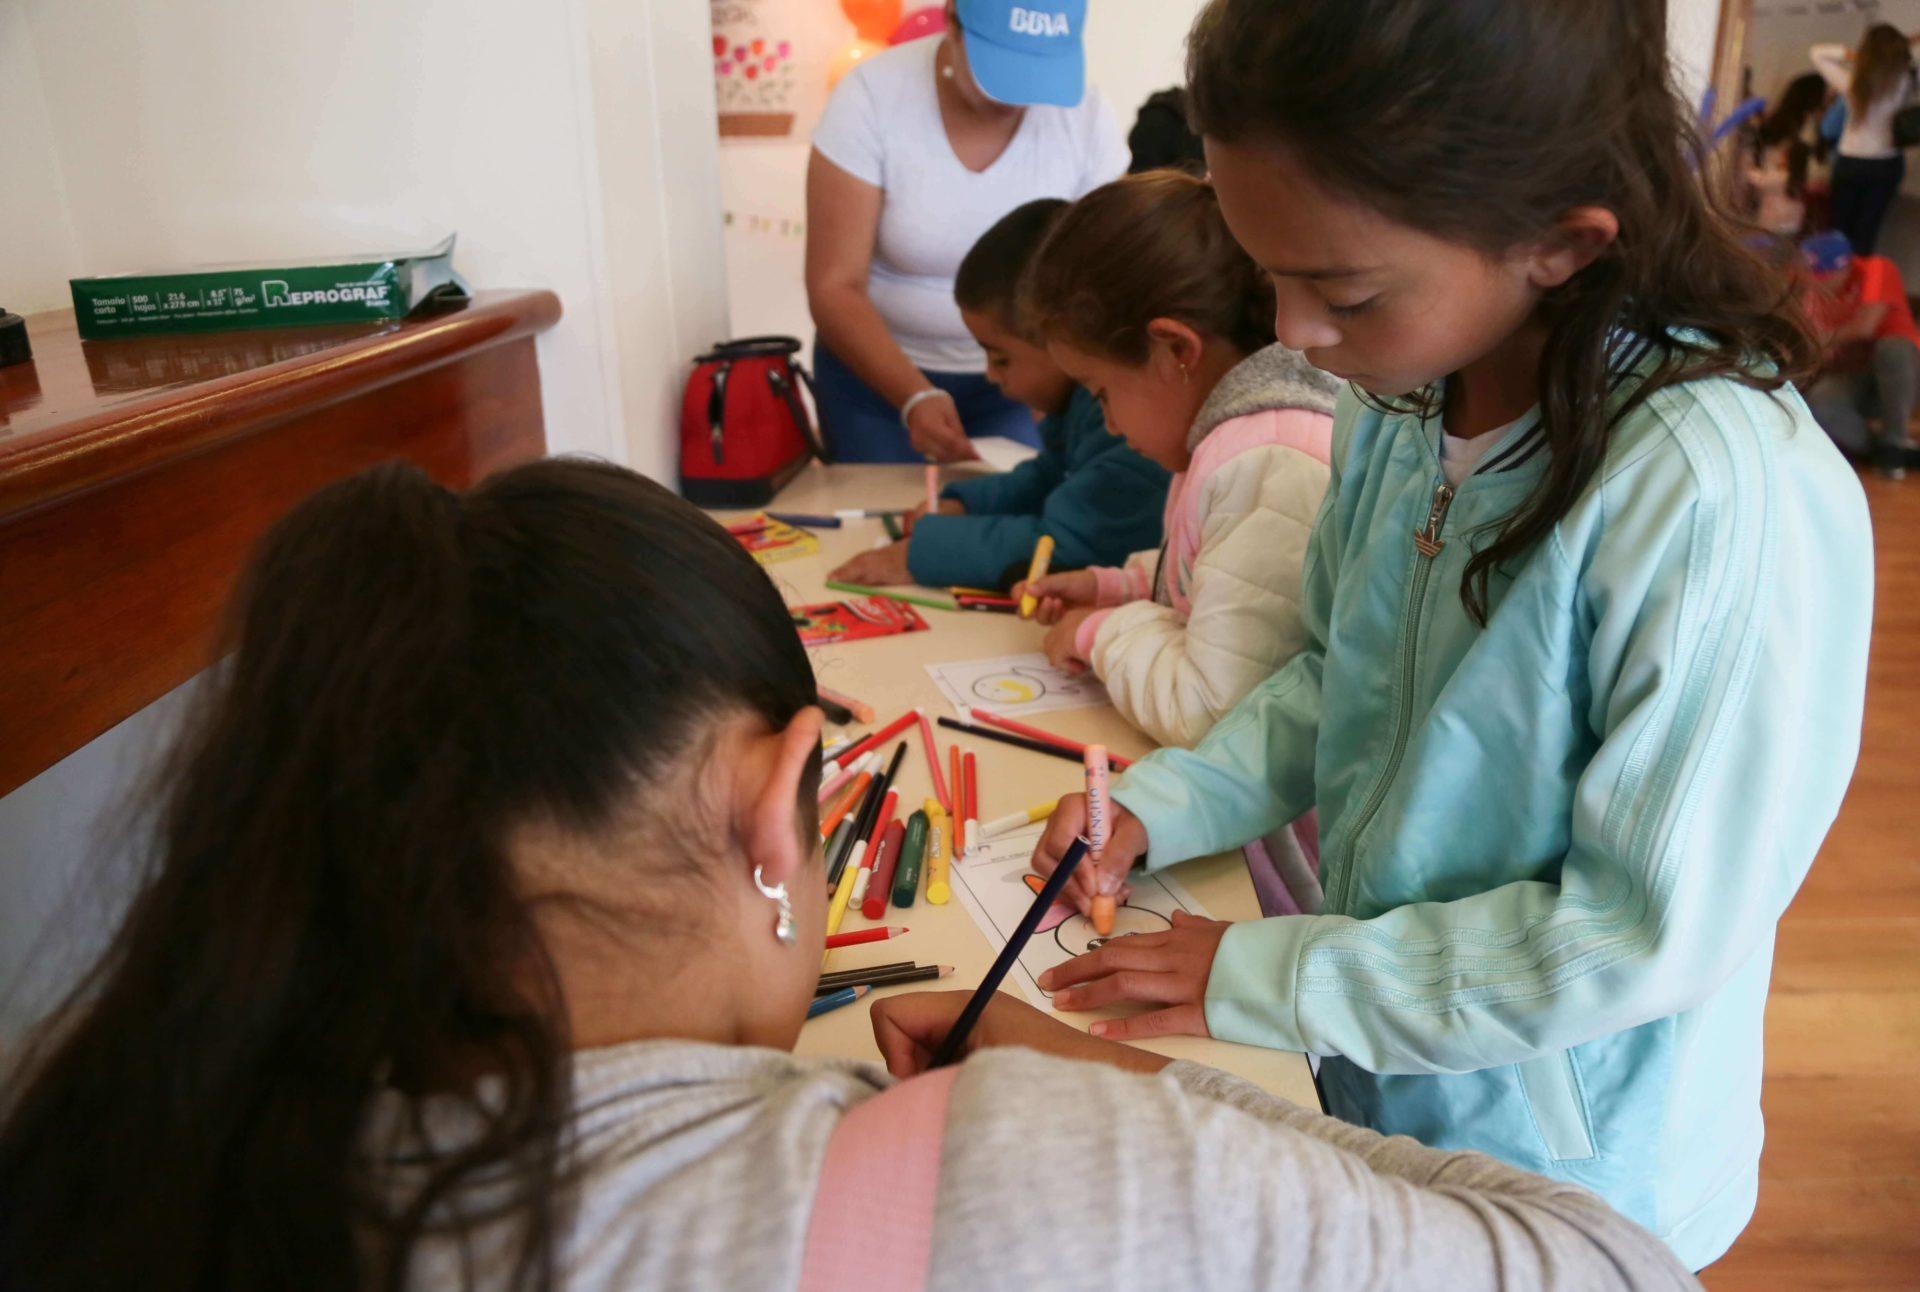 Niños coloreando en las formaciones de Agile Kids